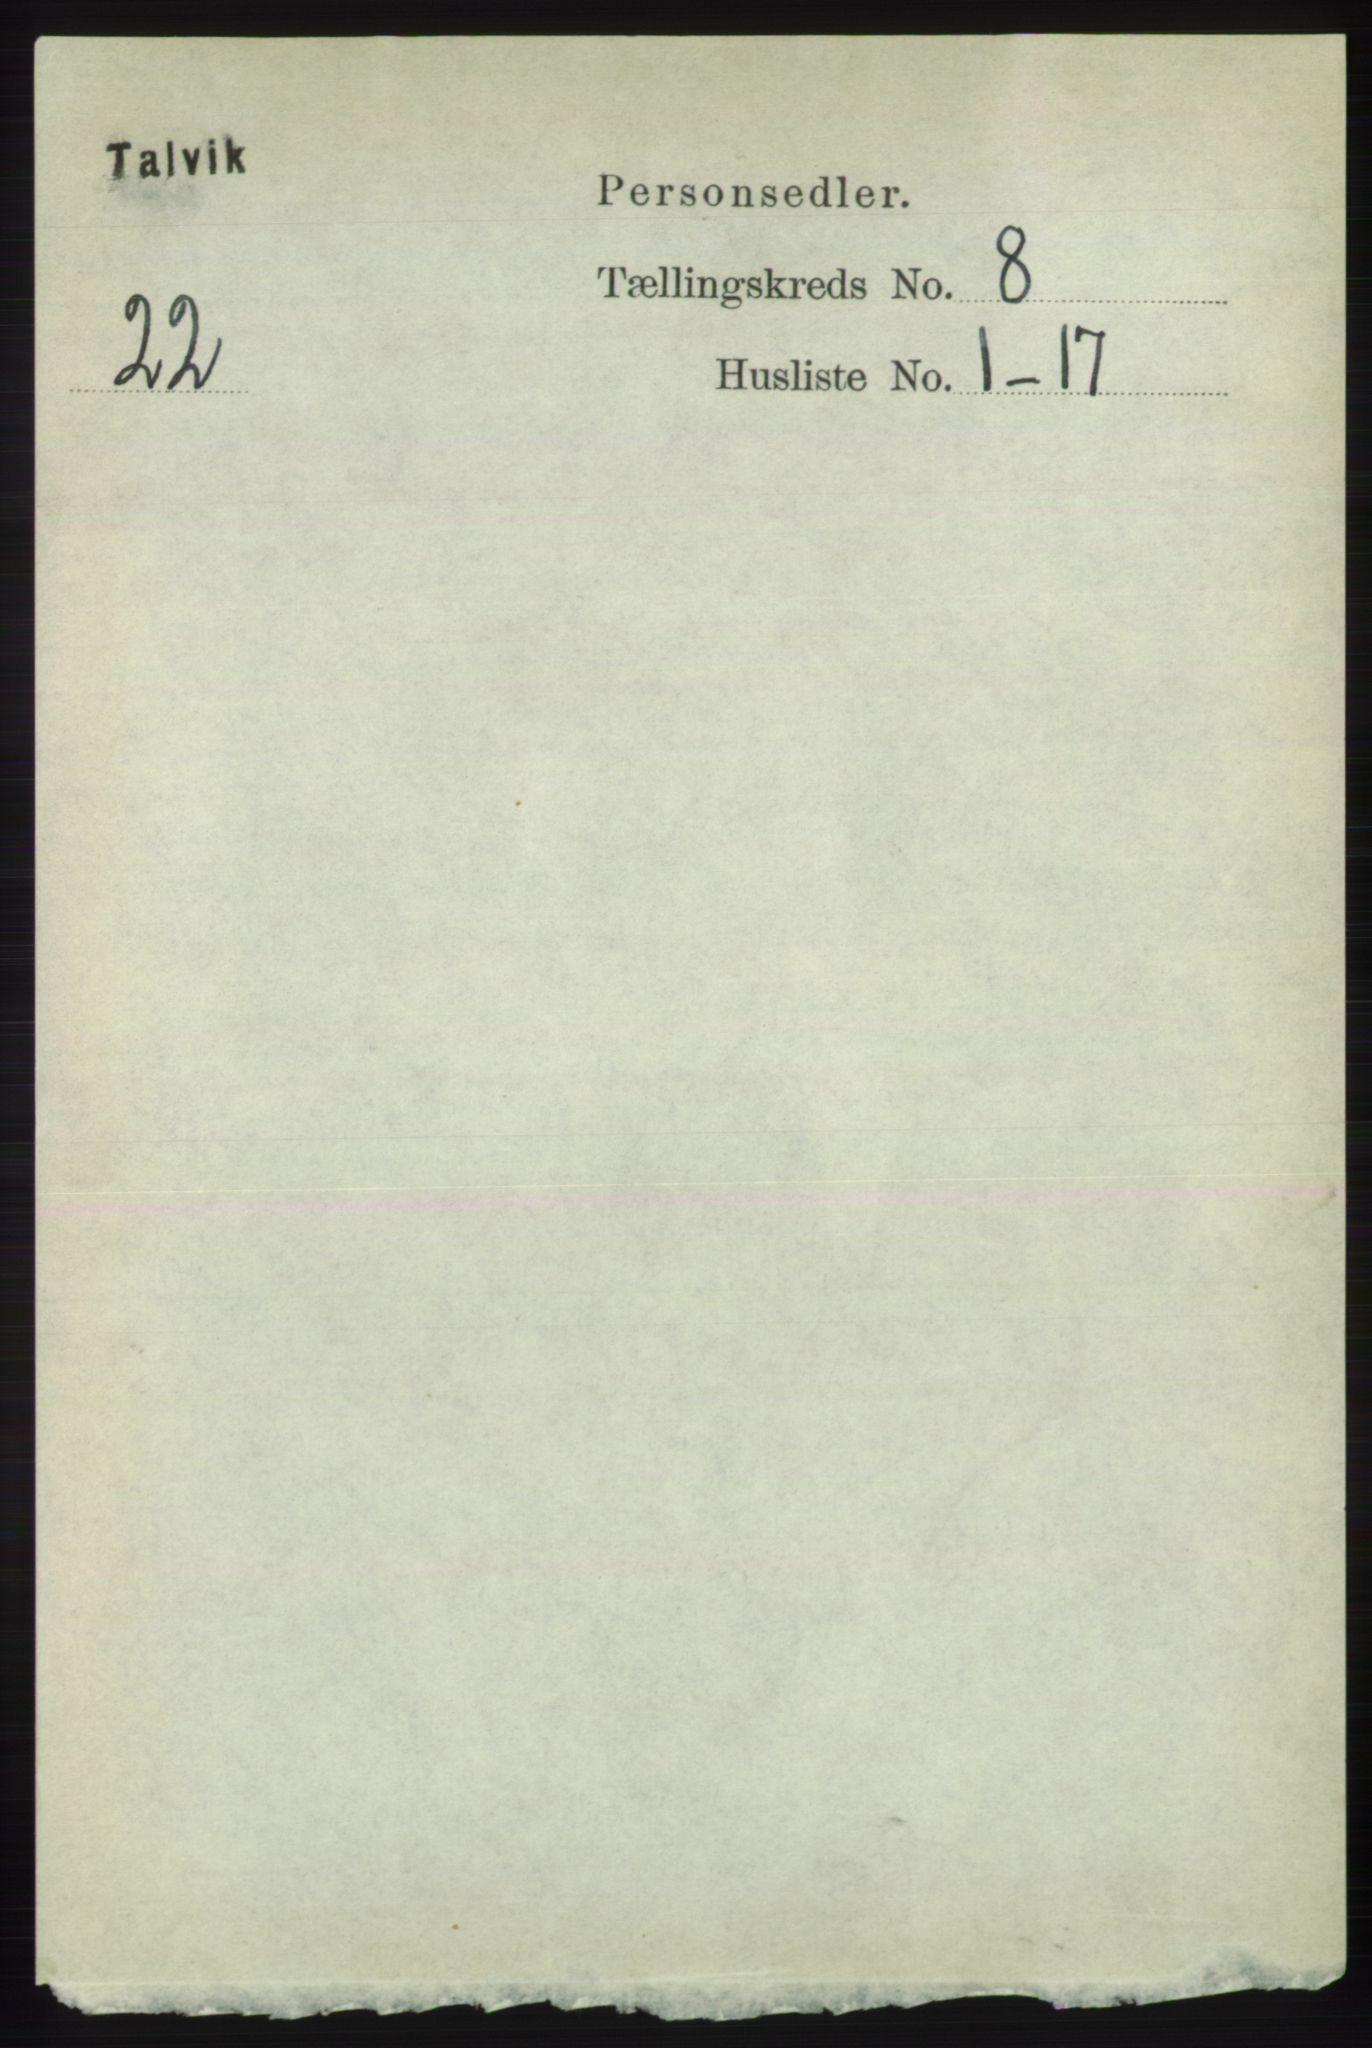 RA, Folketelling 1891 for 2013 Talvik herred, 1891, s. 2054